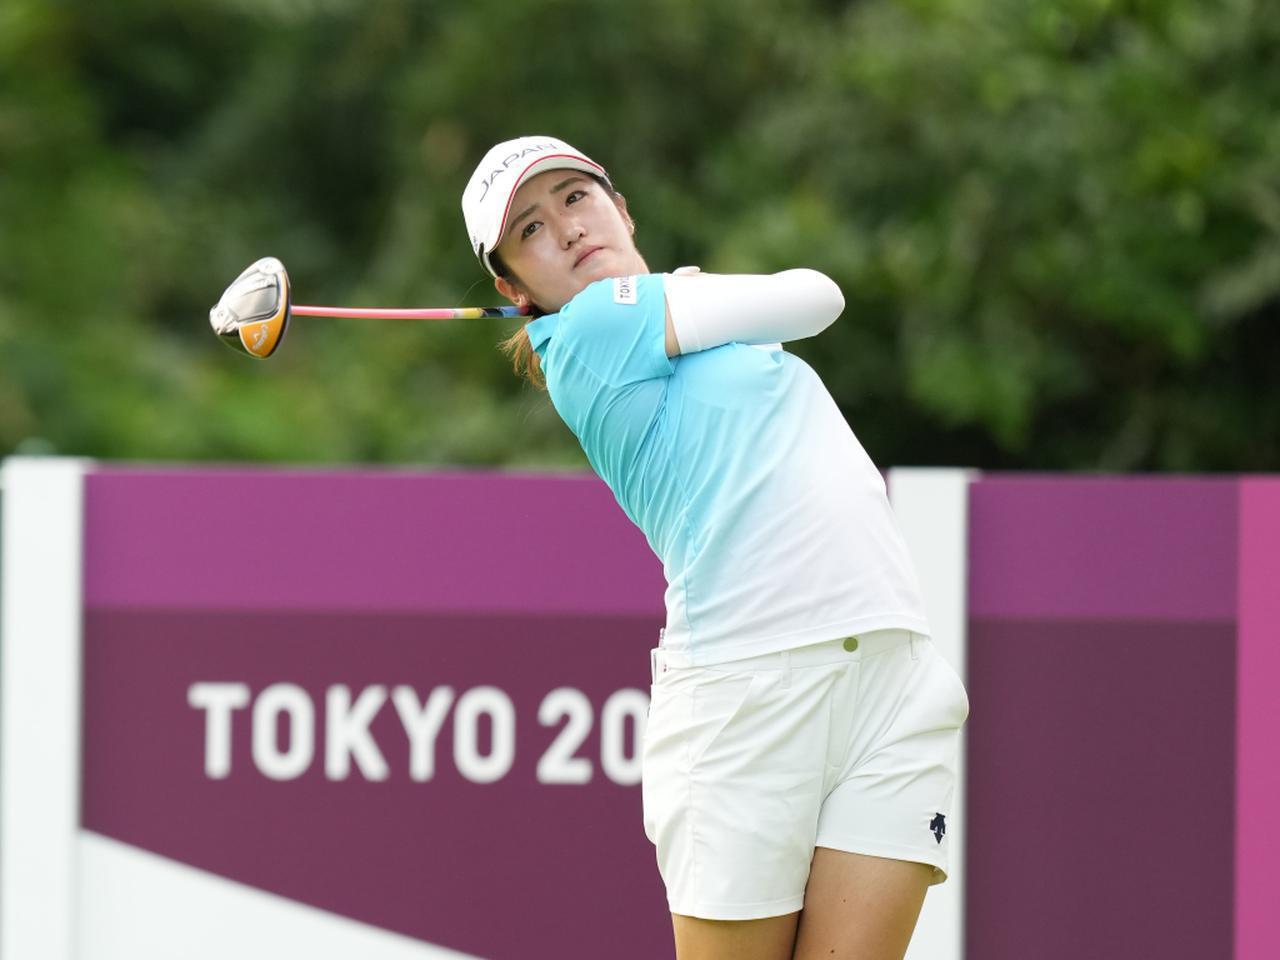 画像: 東京オリンピック女子ゴルフで銀メダルを獲得した稲見萌寧のように、極限のプレッシャー下でもパフォーマンスを発揮するにはどうすれば良い?